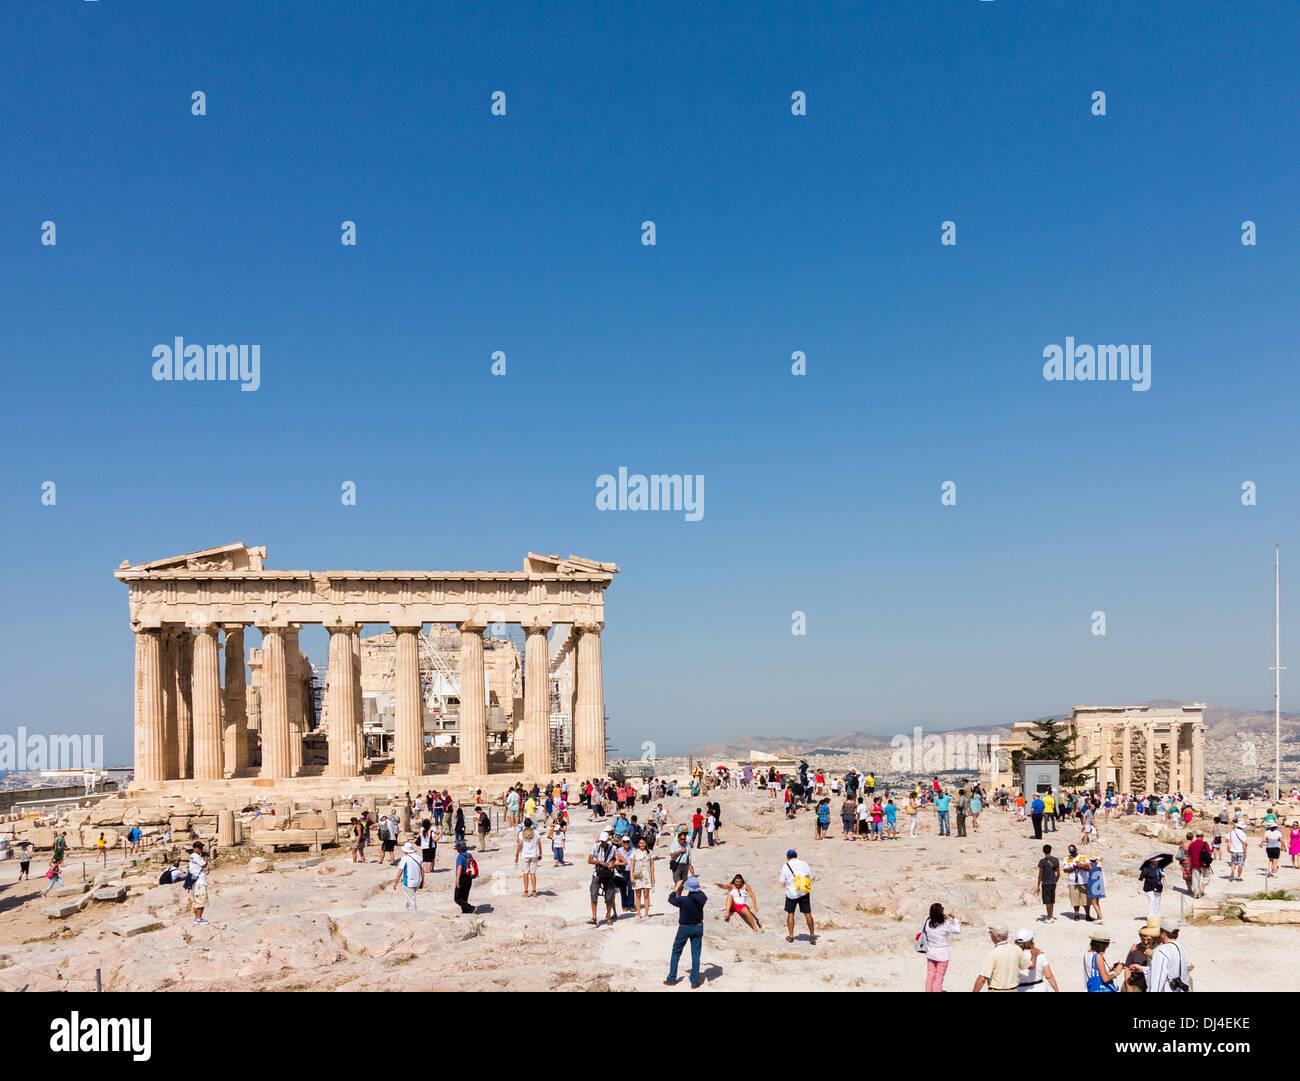 Acropoli di Atene, Grecia - con la folla di turisti che visitano la Grecia antica sito Partenone e l'Erechtheion Immagini Stock